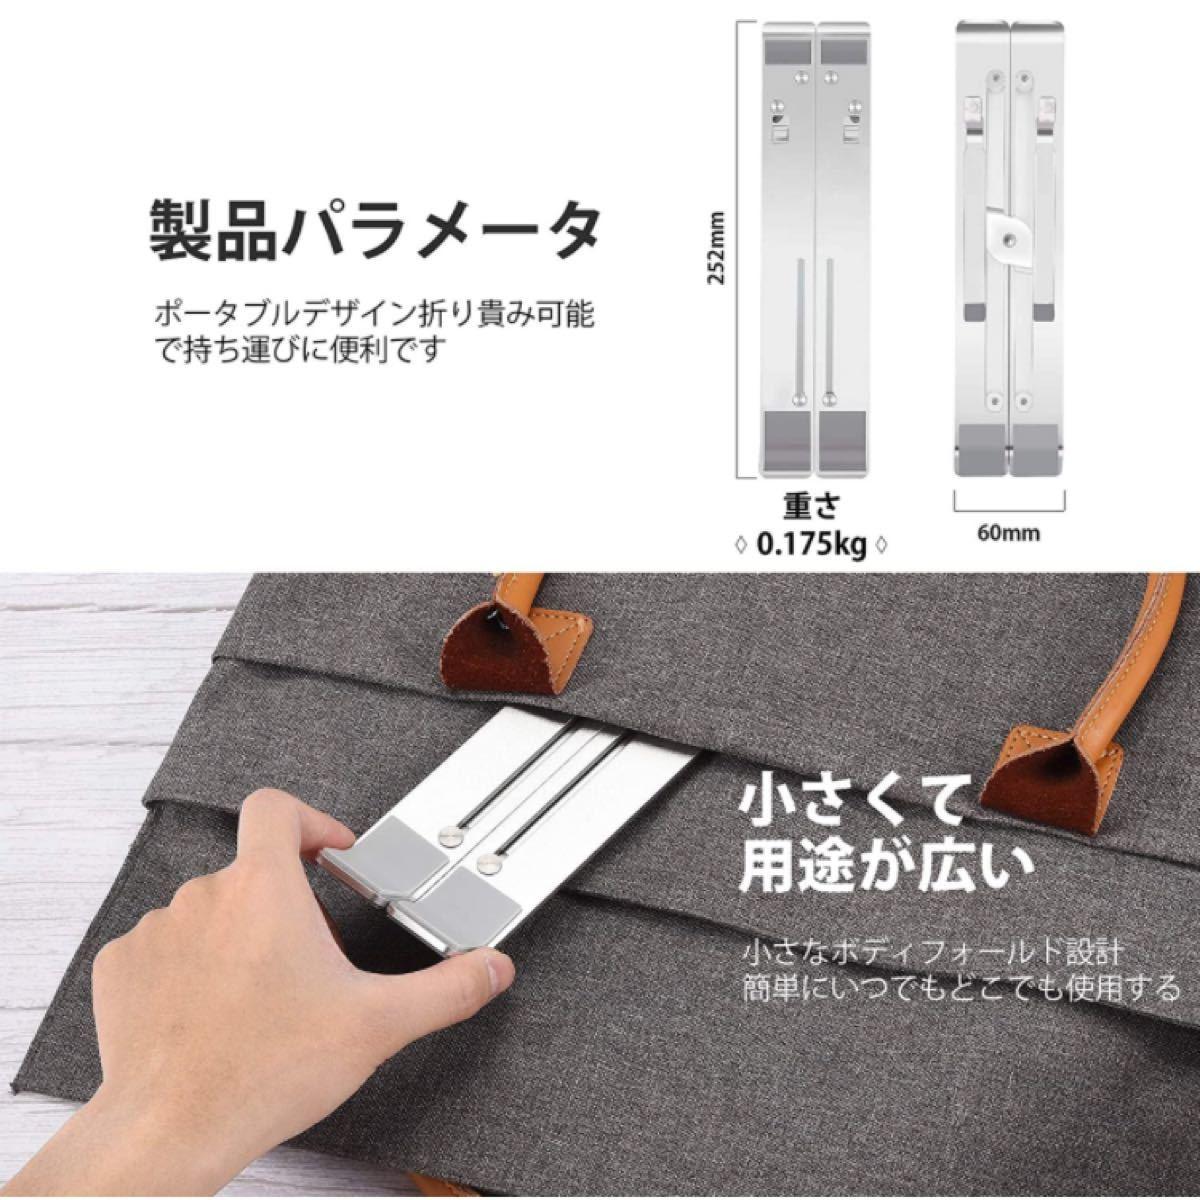 ノートパソコン スタンド pcスタンド 折りたたみ式 ラップトップスタンド アルミ製 4段の高さ調節可能 持ち運びに便利